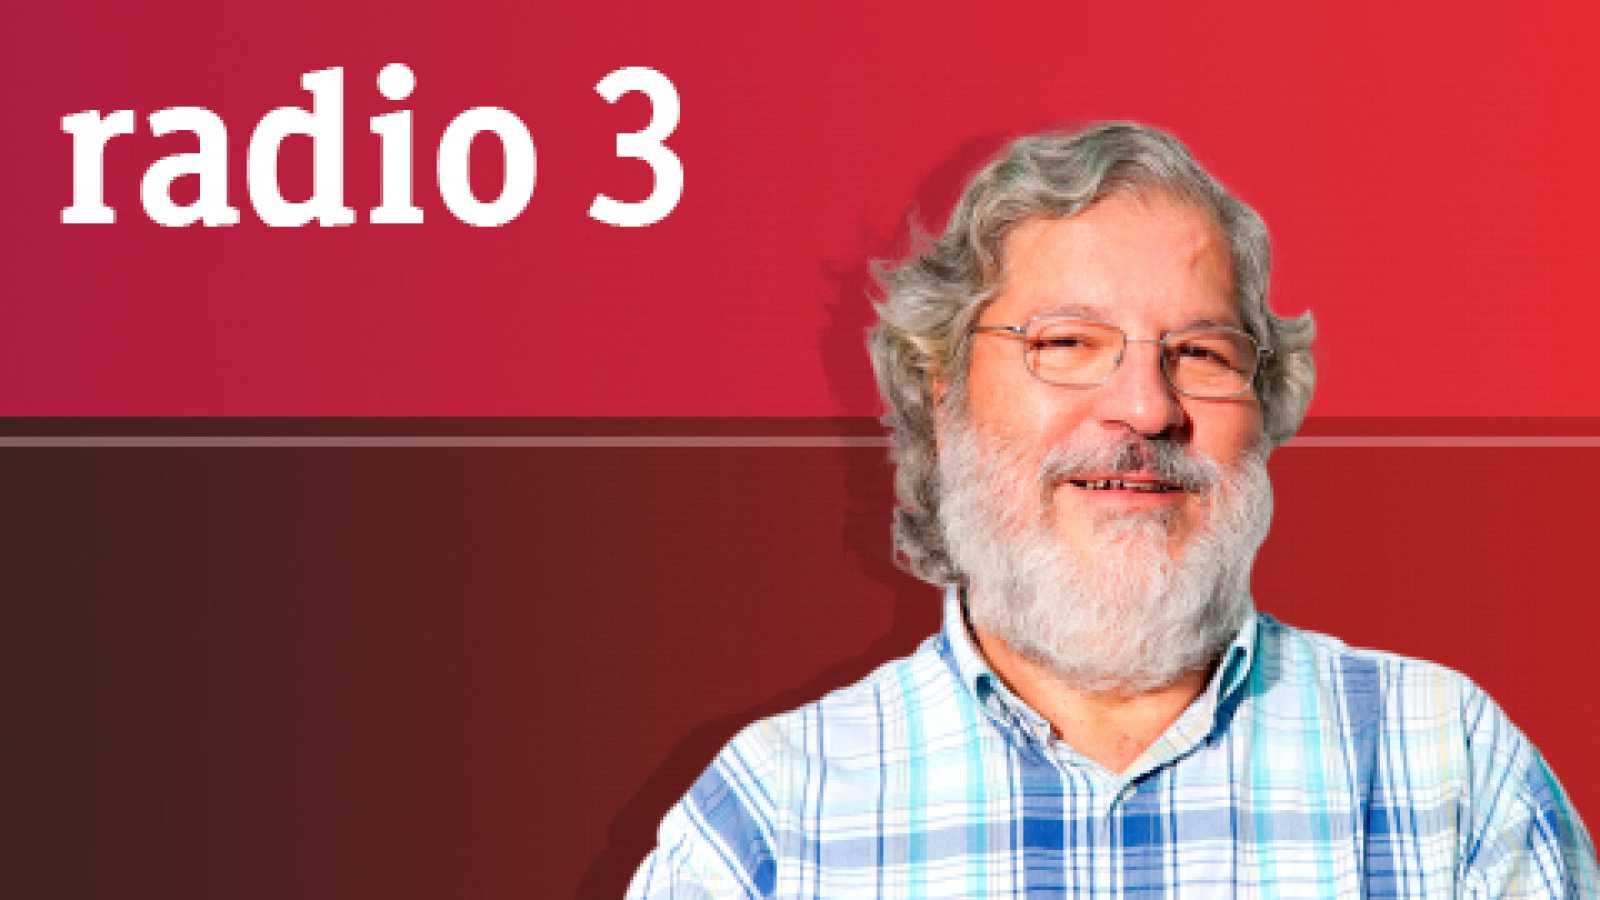 Discópolis - 10.828: Entrevista Nuestro Pequeño Mundo - 16/01/20 - escuchar ahora